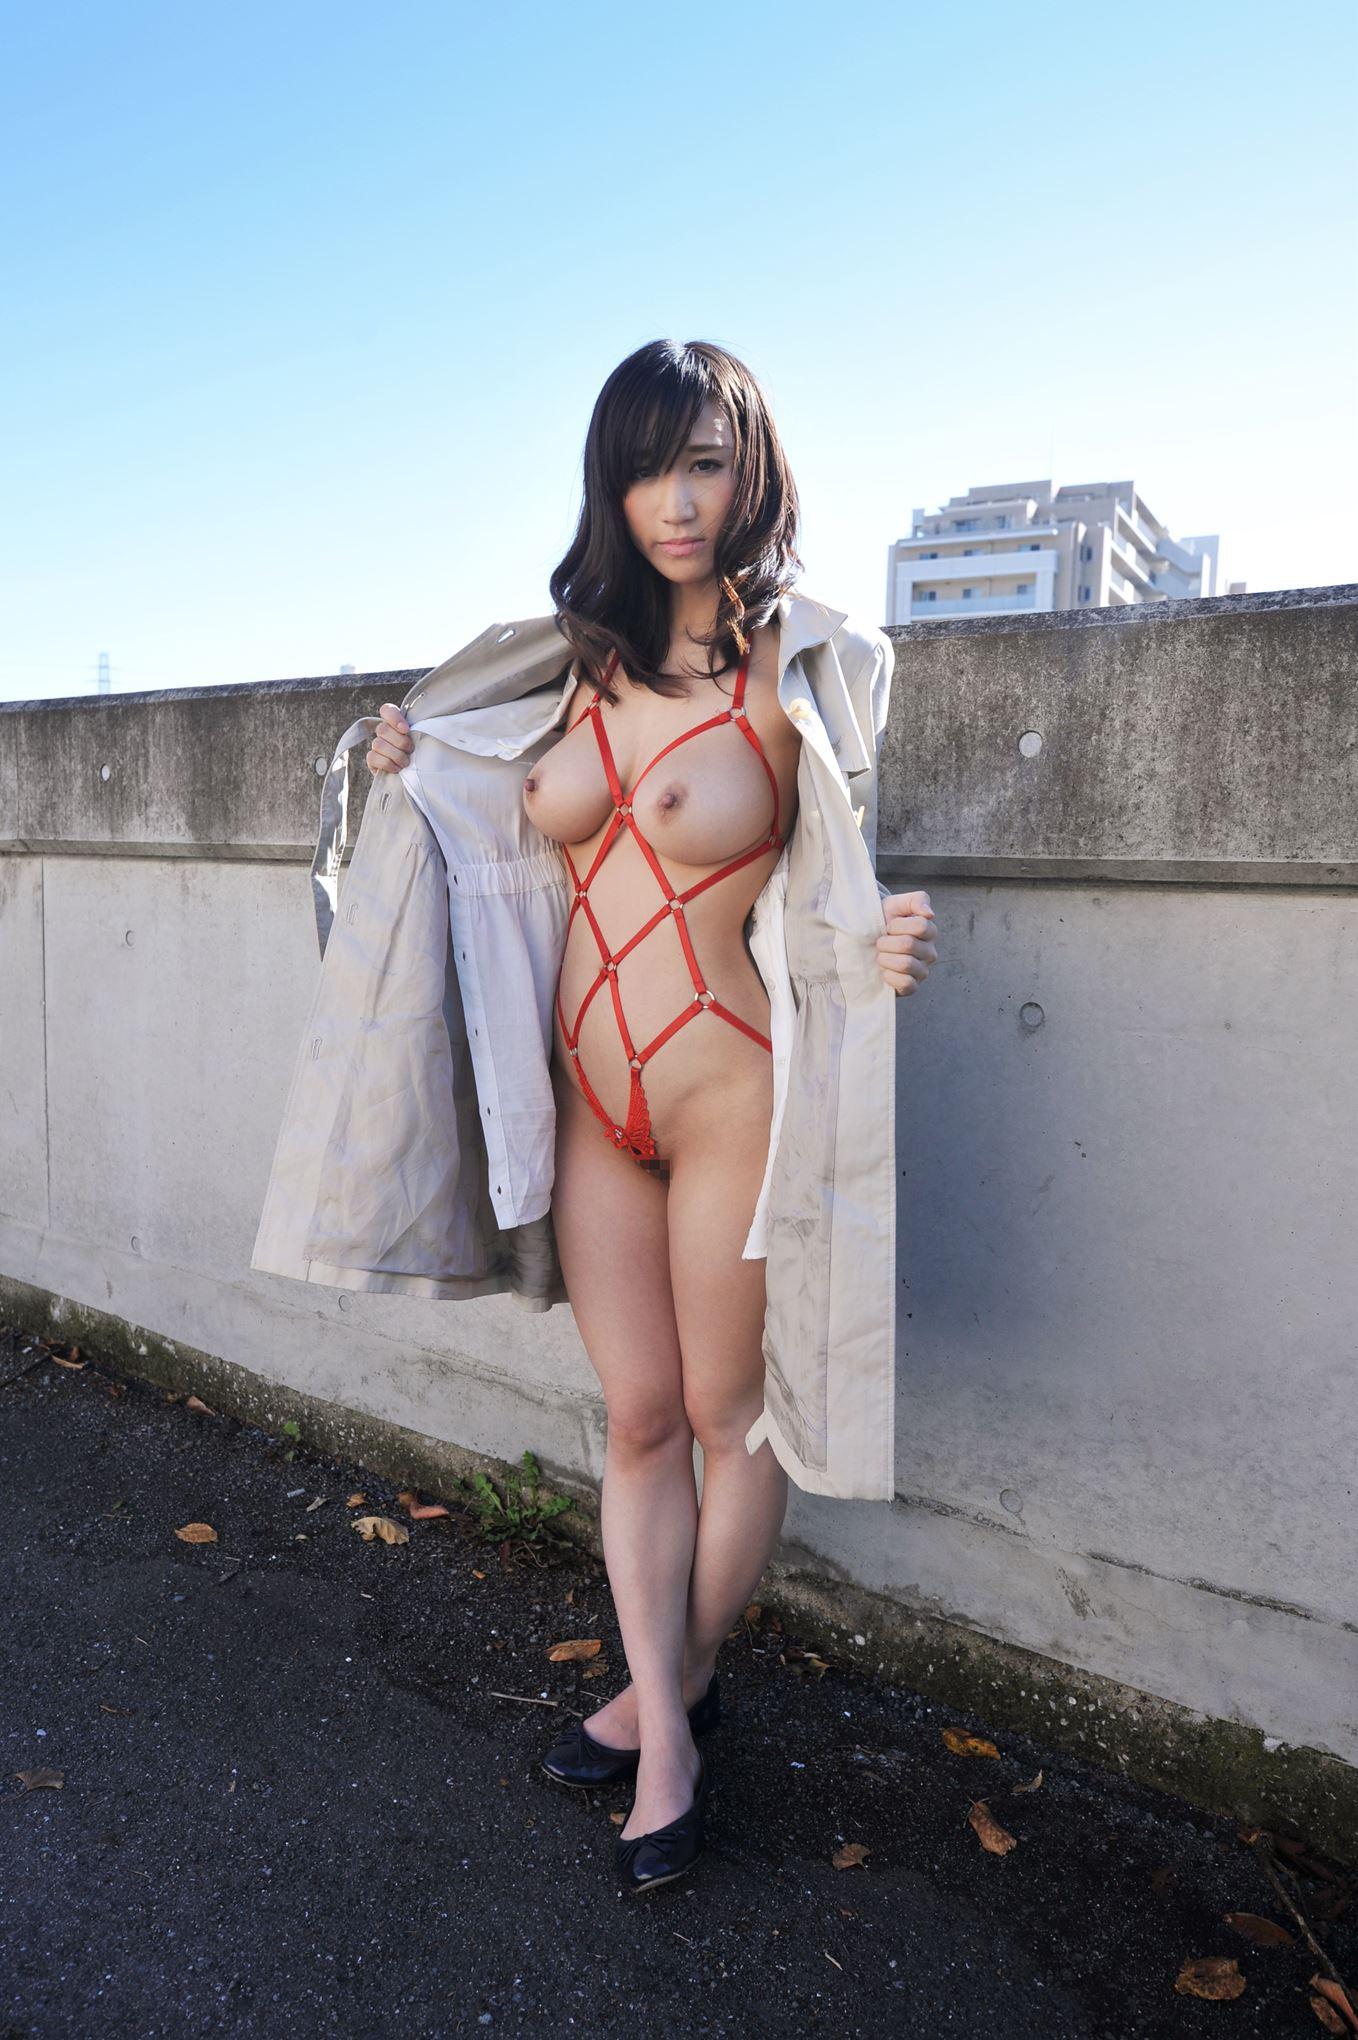 【胸糞】性奴隷として売られた日本人女性をご覧下さい。。。(画像あり)・20枚目